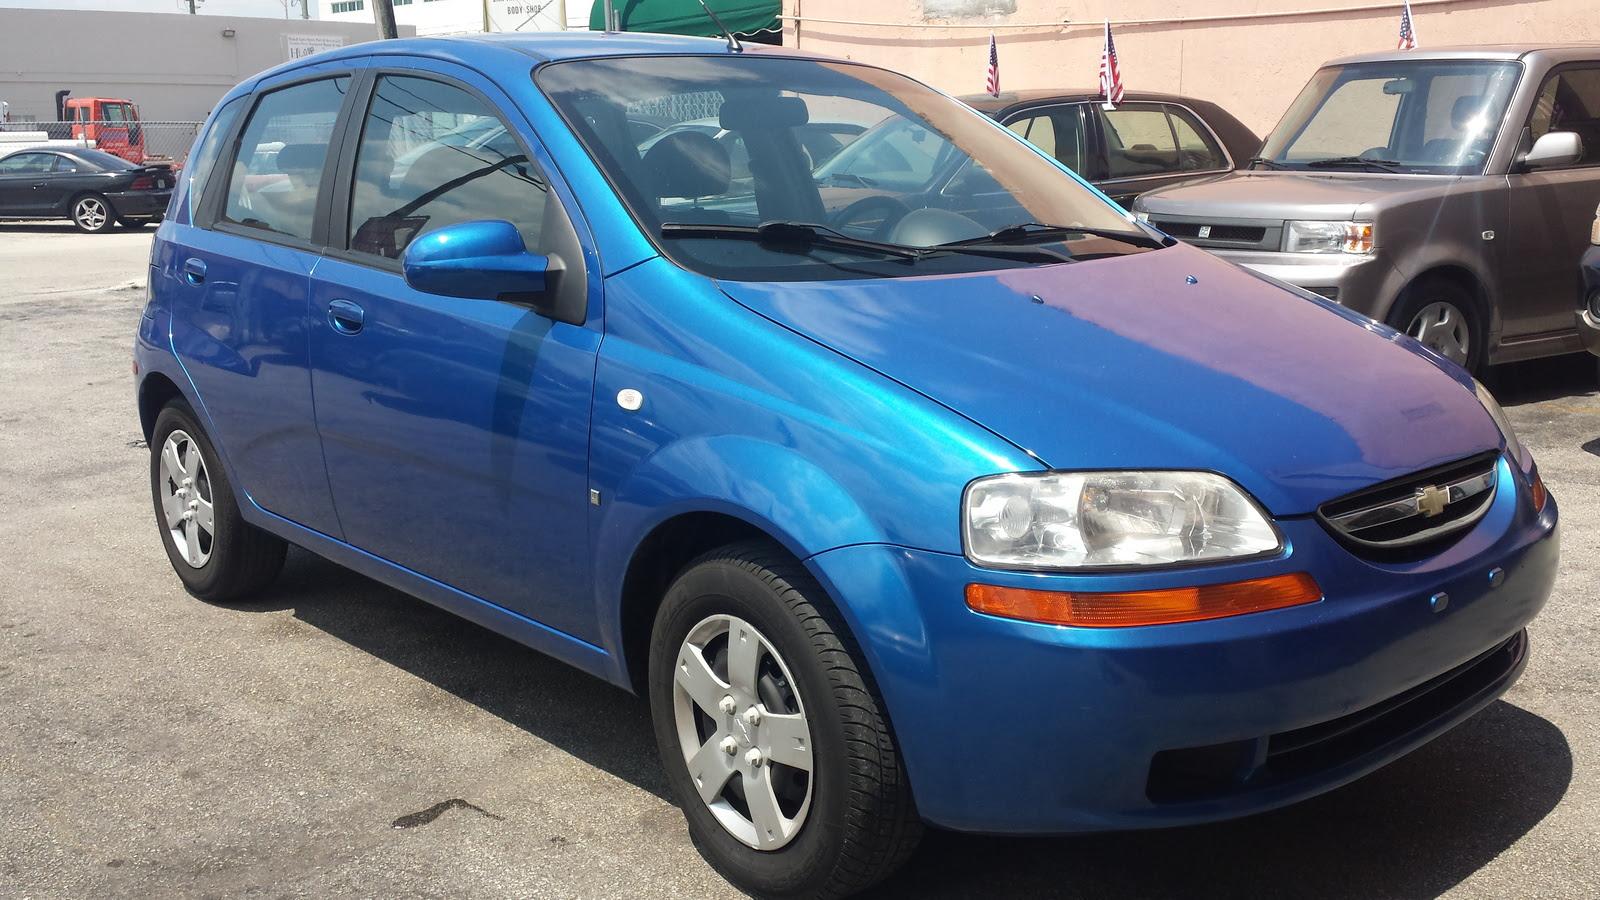 2008 Chevrolet Aveo - Pictures - CarGurus